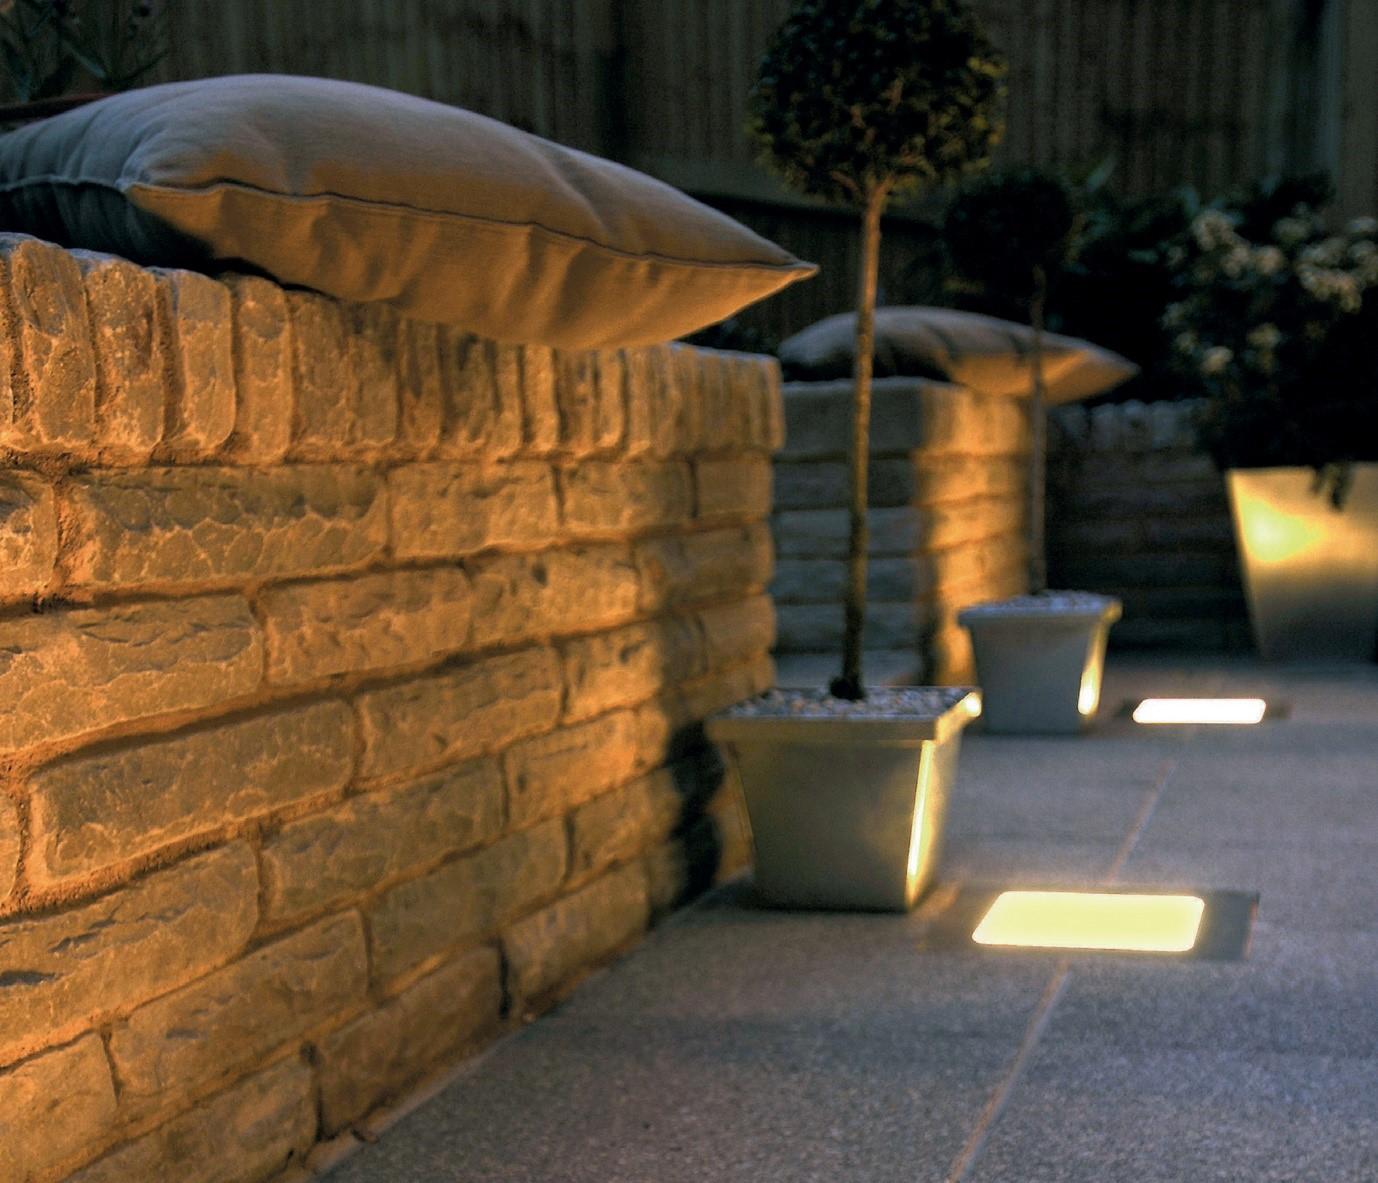 Stone walling in a garden